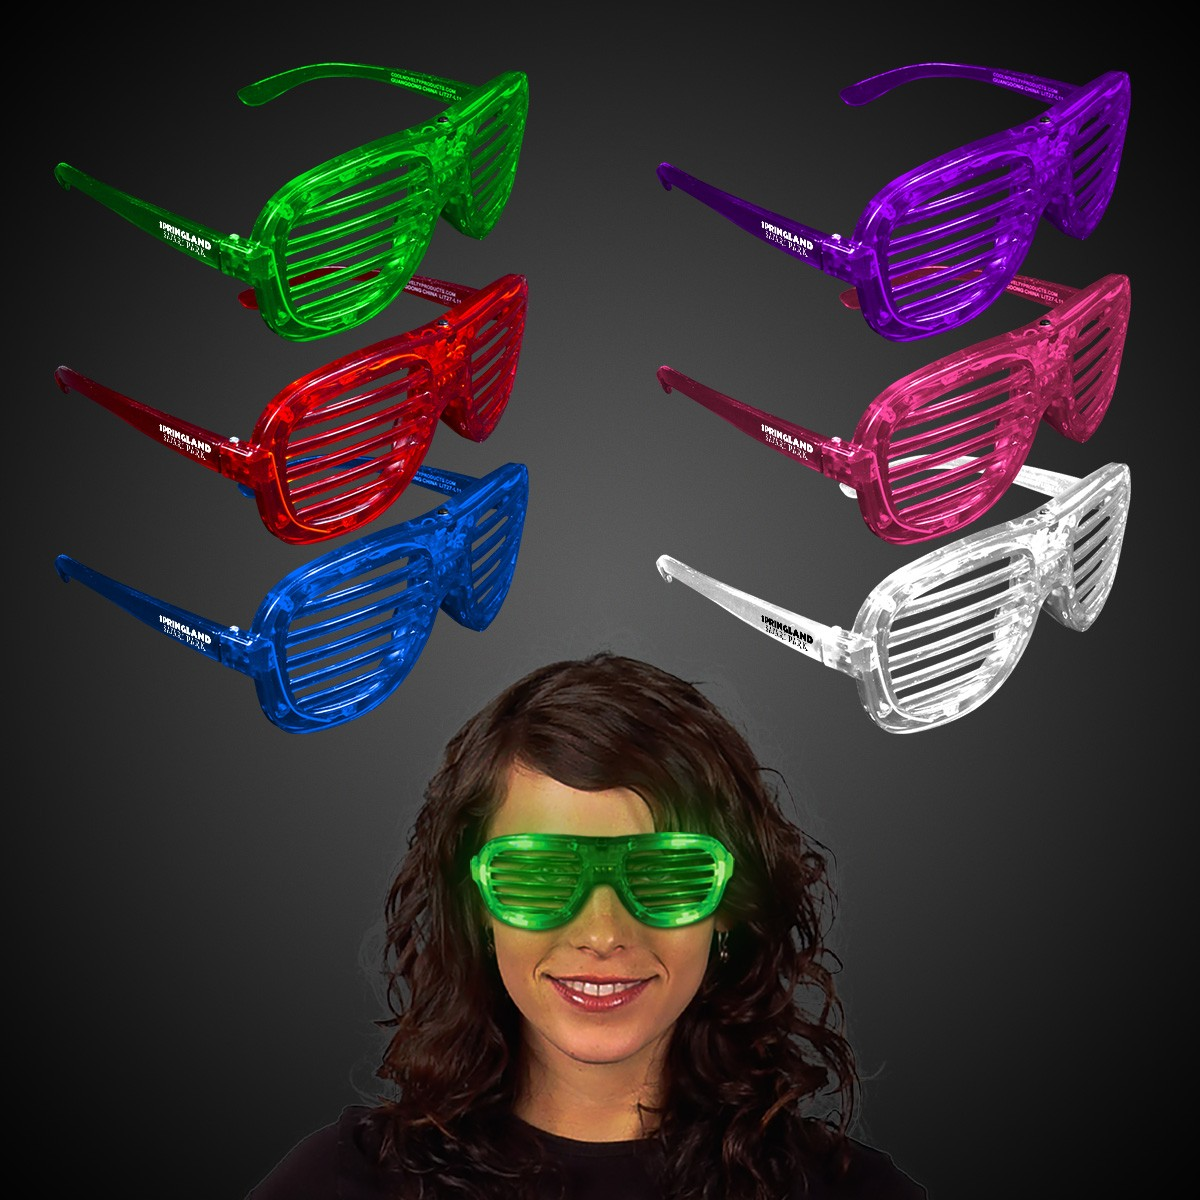 Light Up Slotted Shutter Shade Glasses